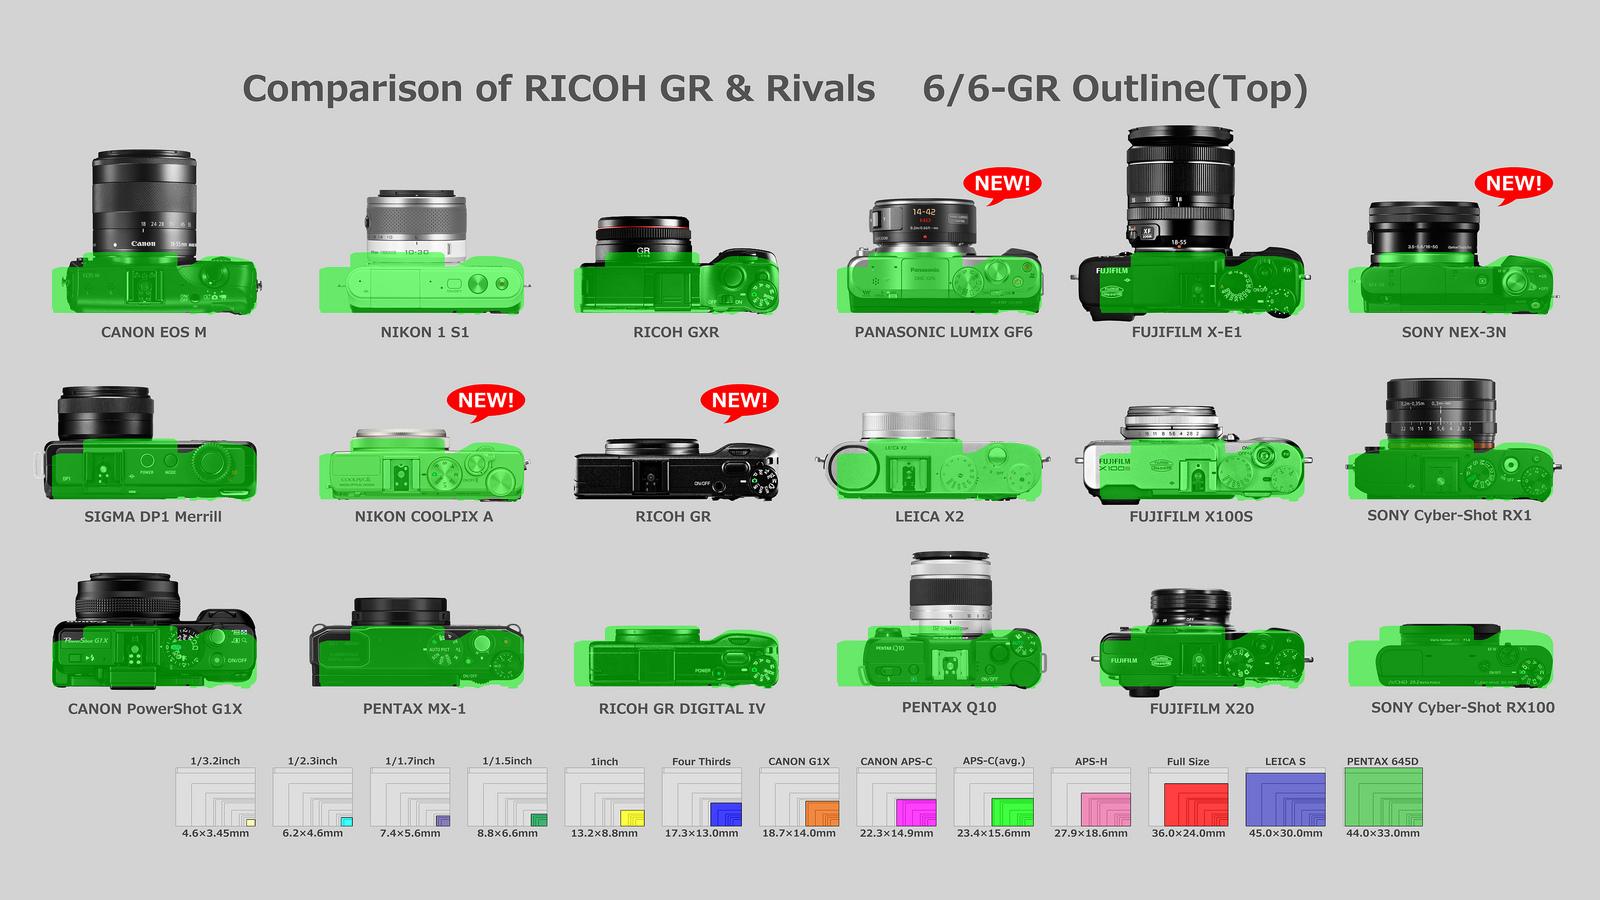 리코 GR (Ricoh GR) 판매 시작.